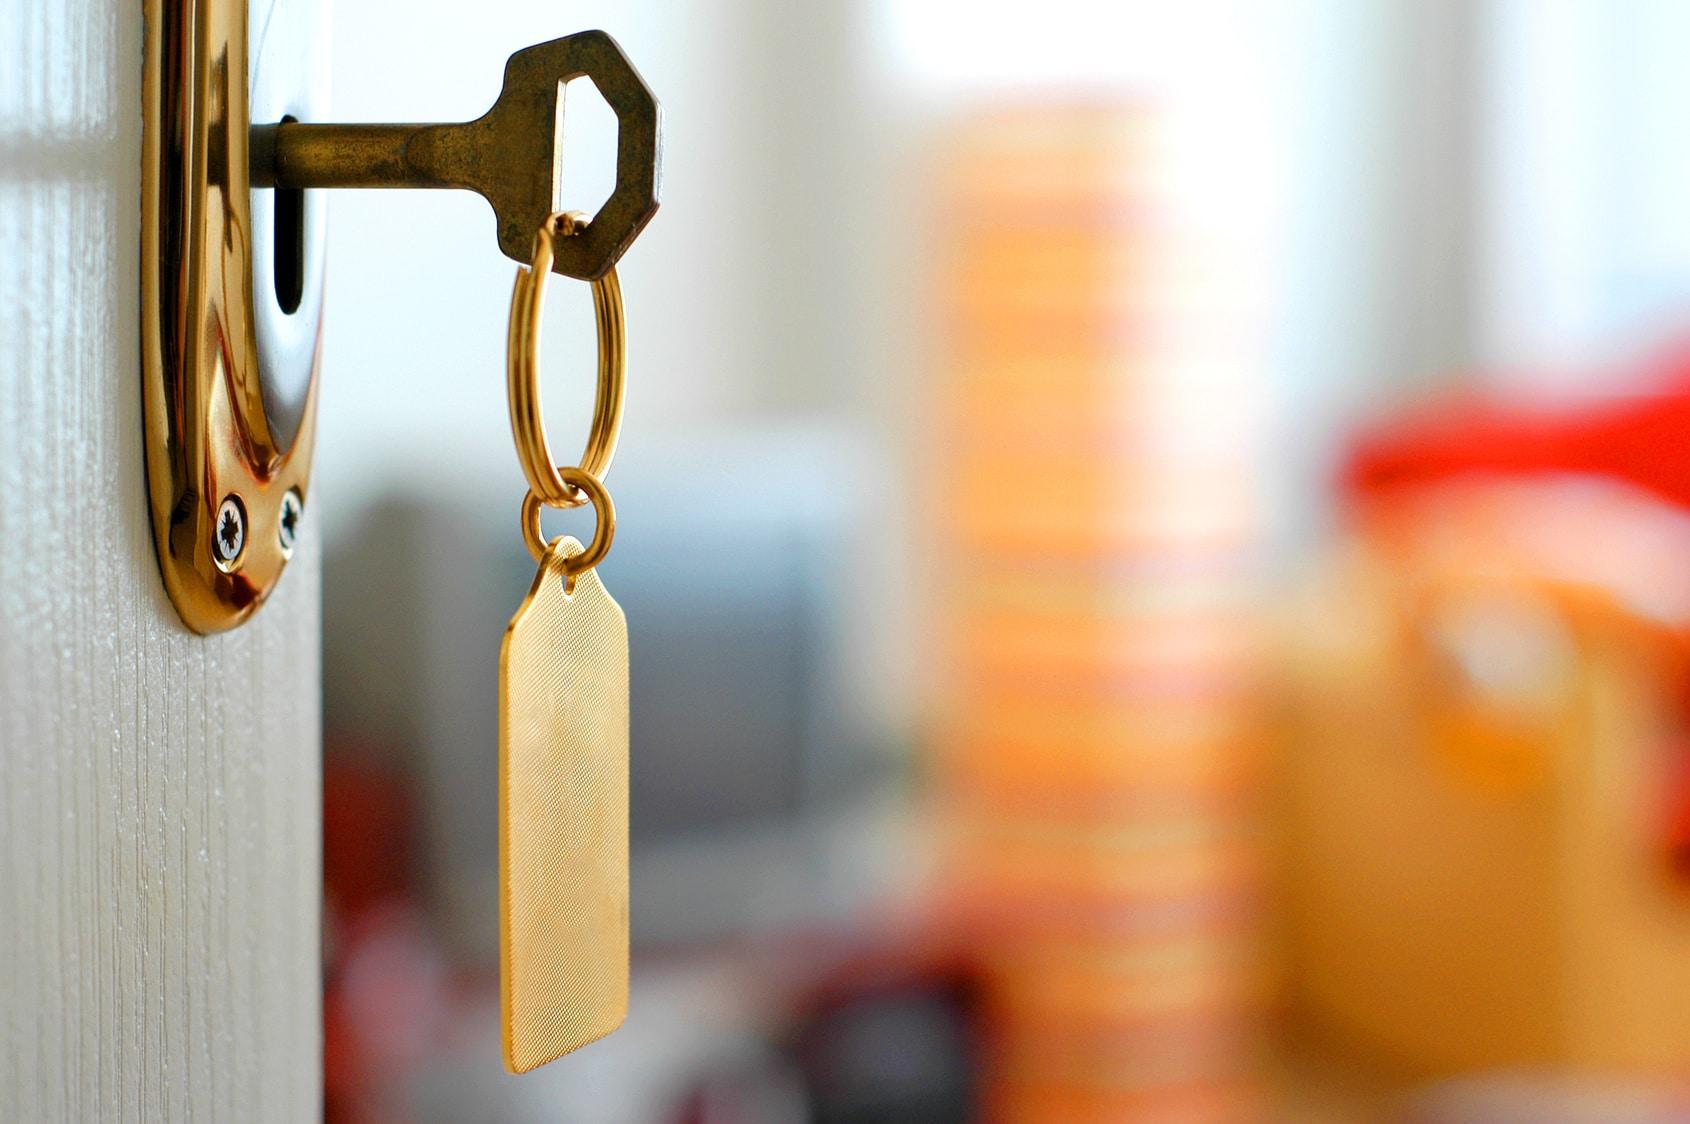 Ouvrir une porte sans clé: Toutes les techniques efficaces d'ouverture de porte.